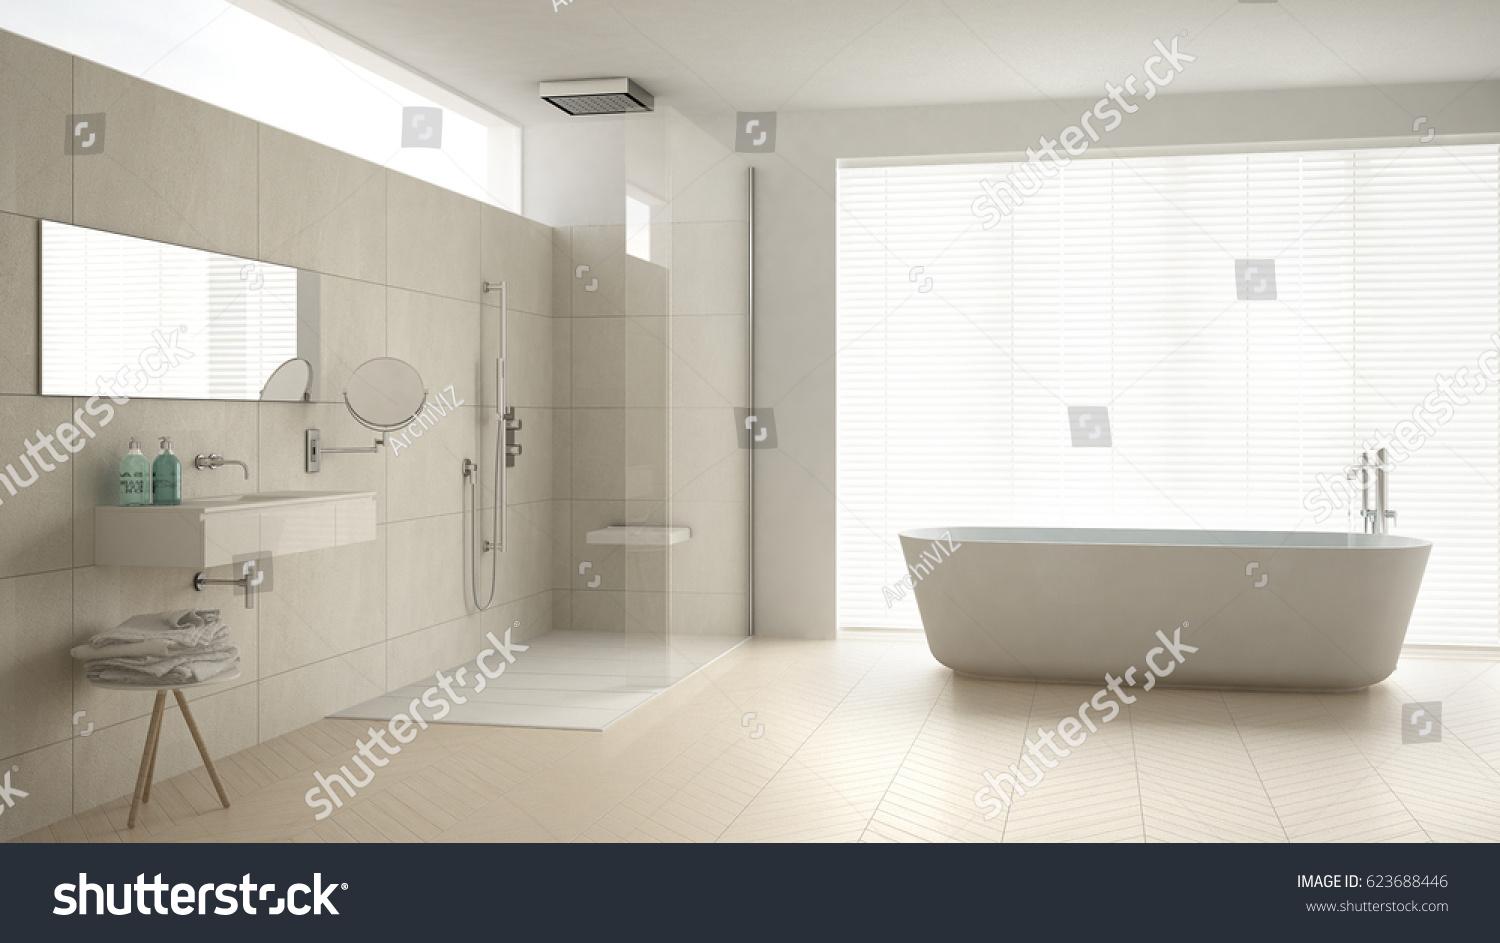 Minimalist Bathroom Bathtub Shower Parquet Floor Stock Illustration ...